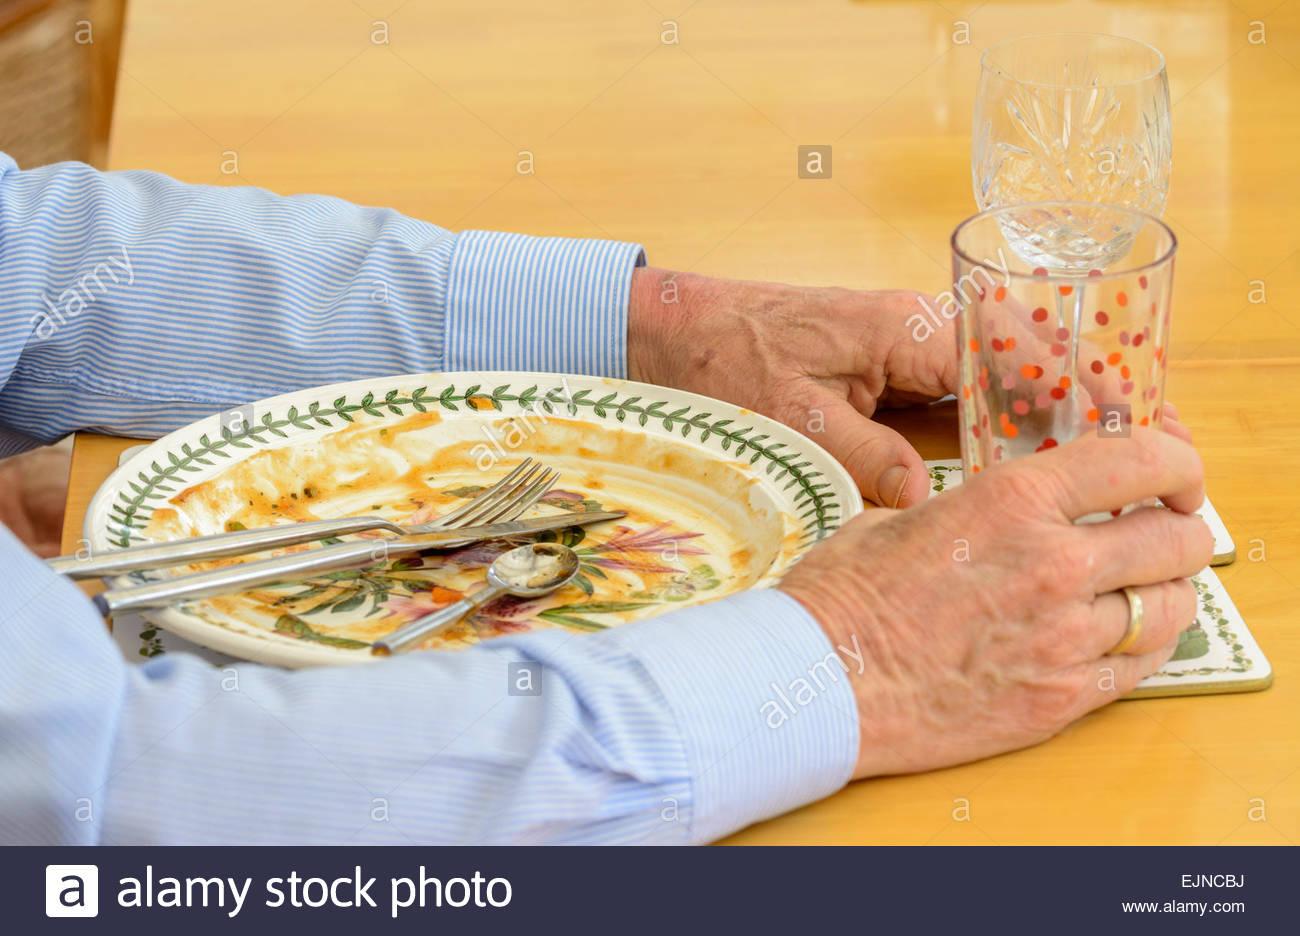 Mann, sitzend mit einem leeren Teller, Messer, Gabel und Brille, nach Abschluss einer Mahlzeit. Stockbild